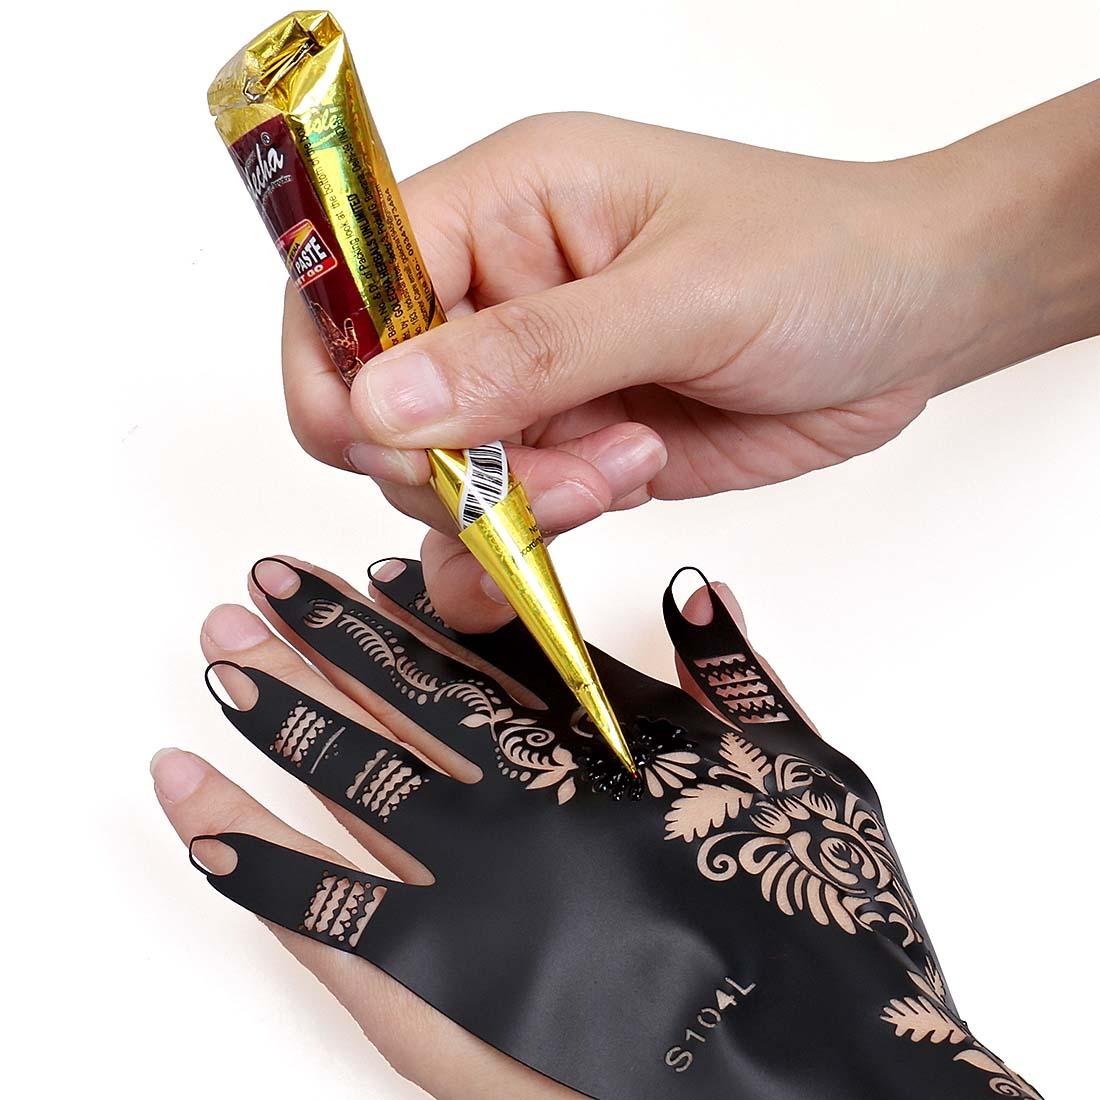 Harga Henna Tattoo Kit: BMC 14pc Mehndi Henna Tattoo Starter Kit